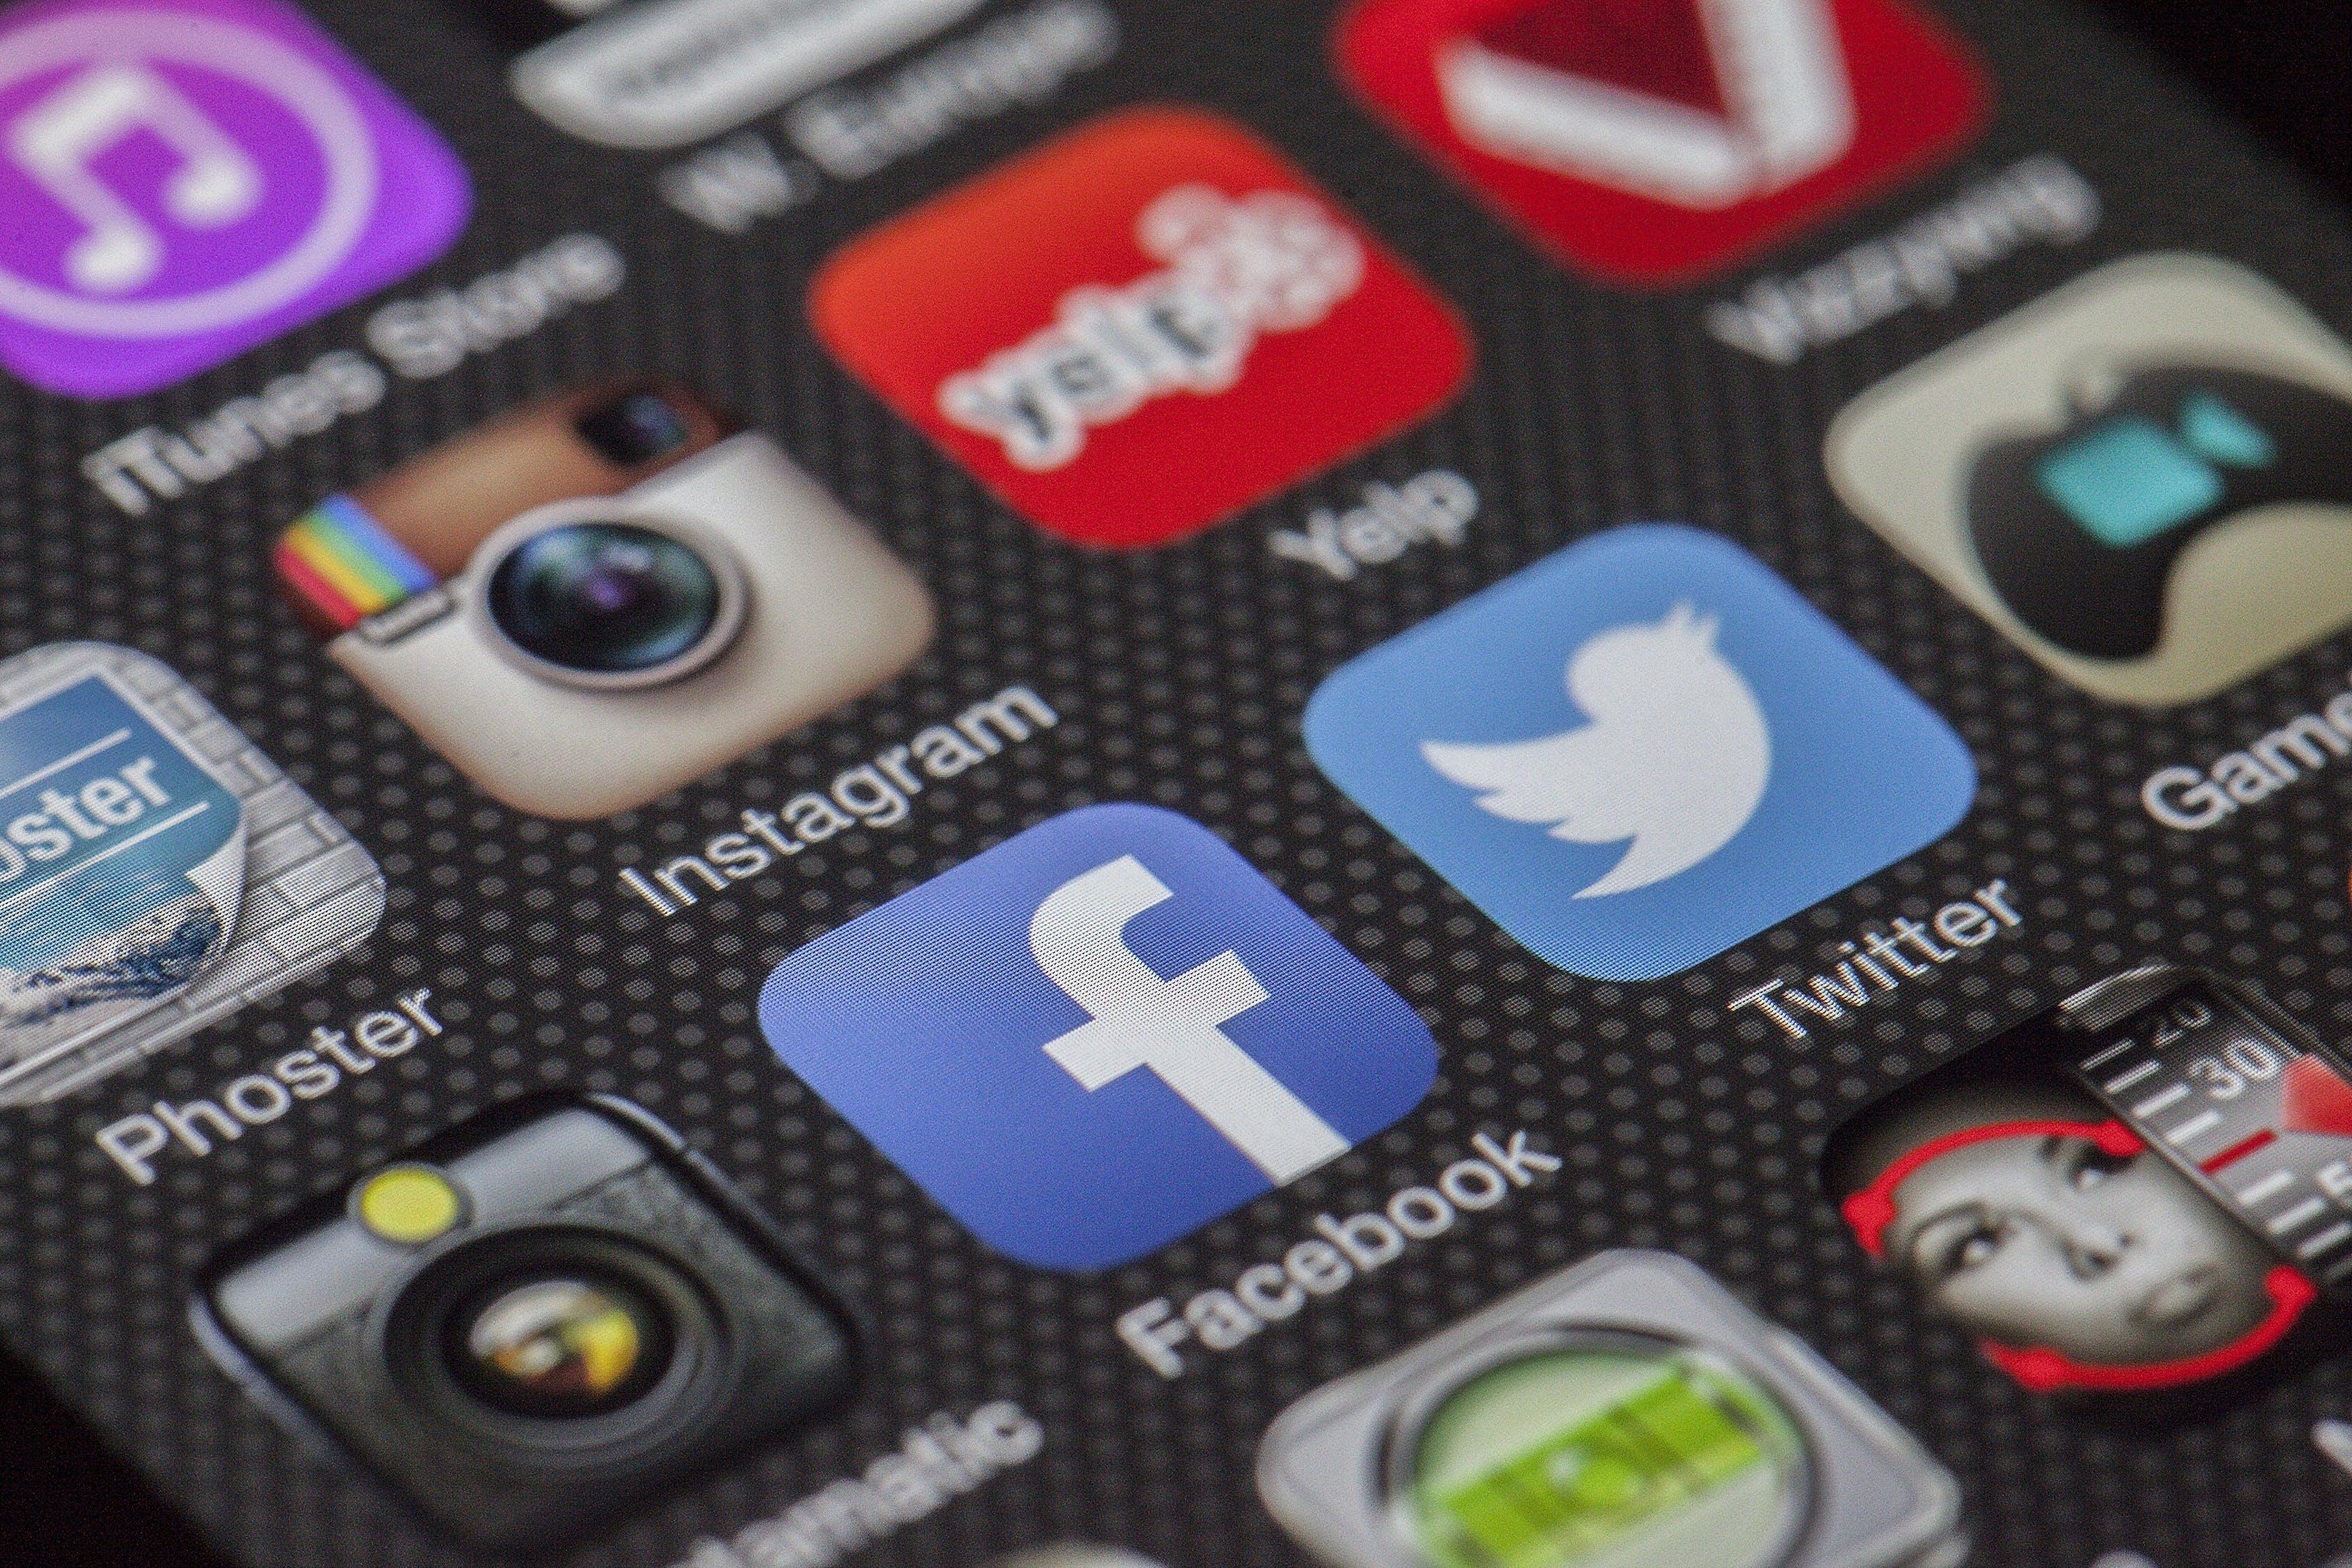 苹果:智能手机应用平均拥有 6 个不同的追踪器